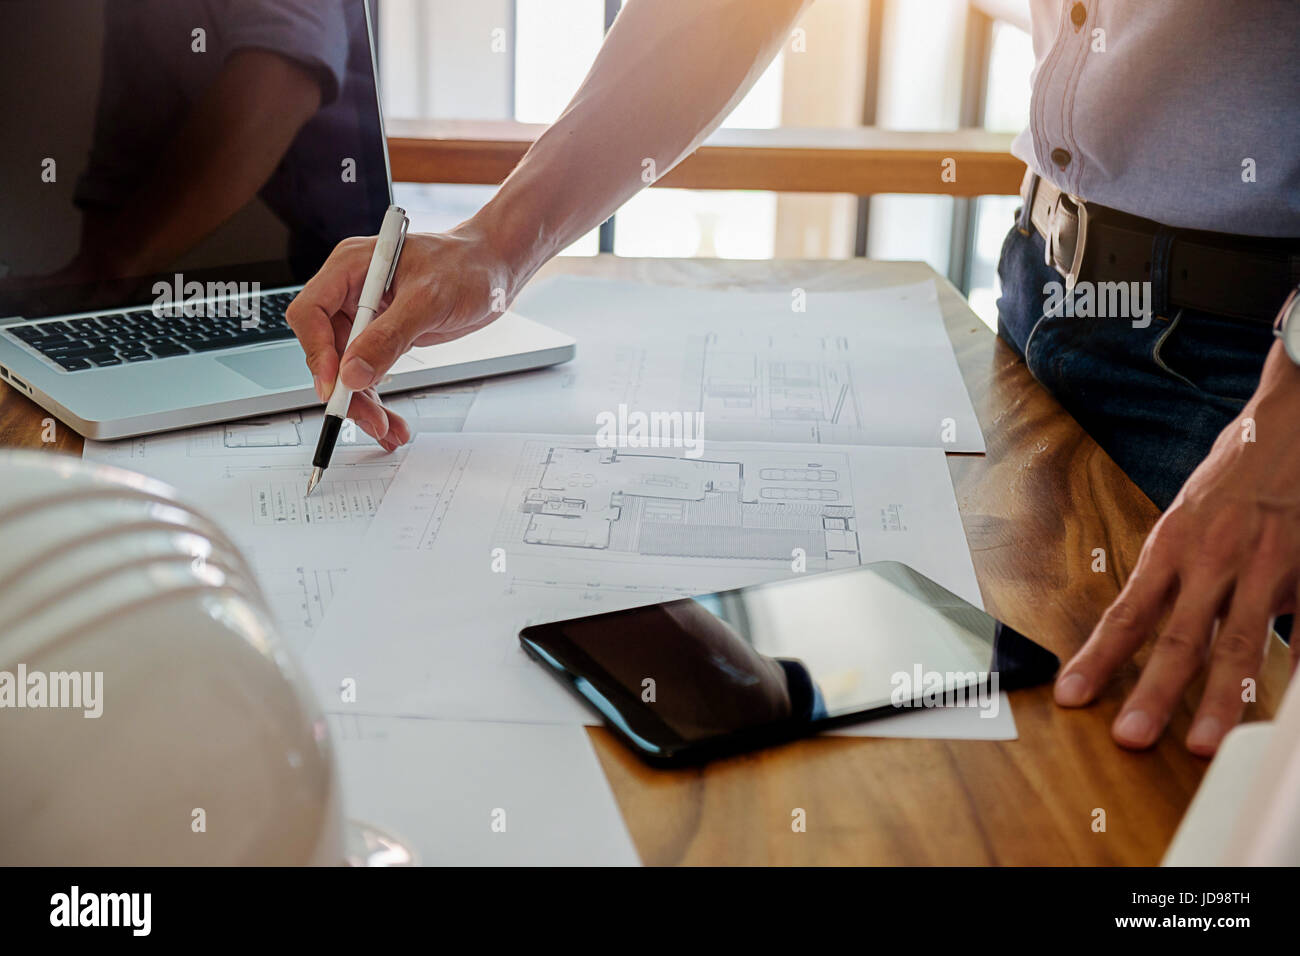 Architekten Ingenieur diskutieren am Tisch mit Bauplan - Closeup auf Händen und Projekt drucken. Stockbild